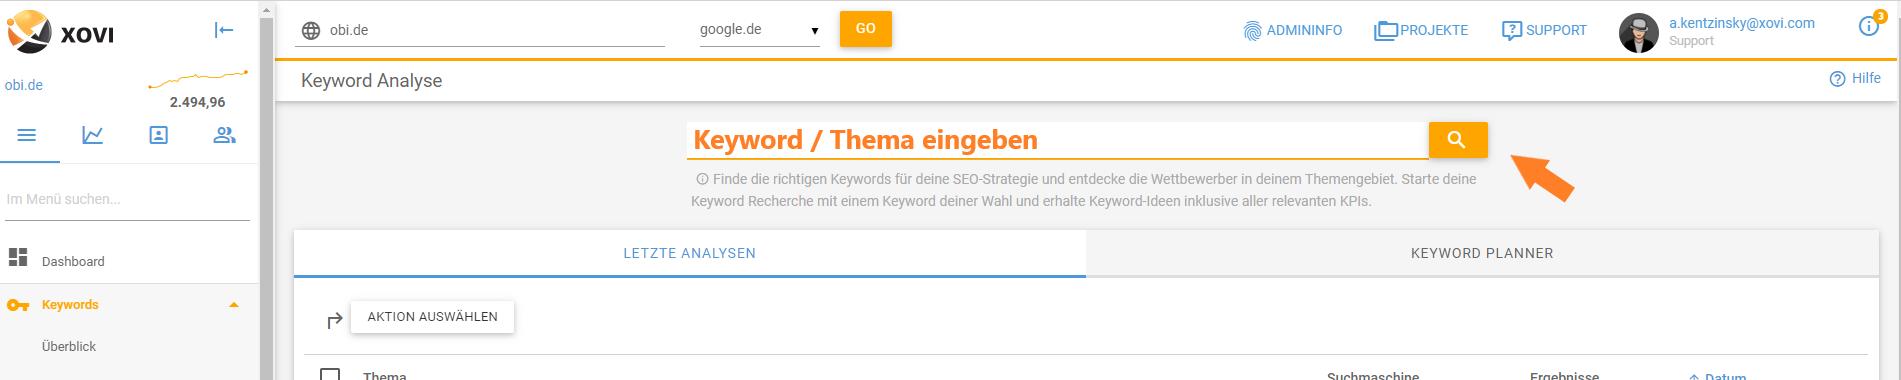 Keyword-Eingabe in der Keyword-Analyse